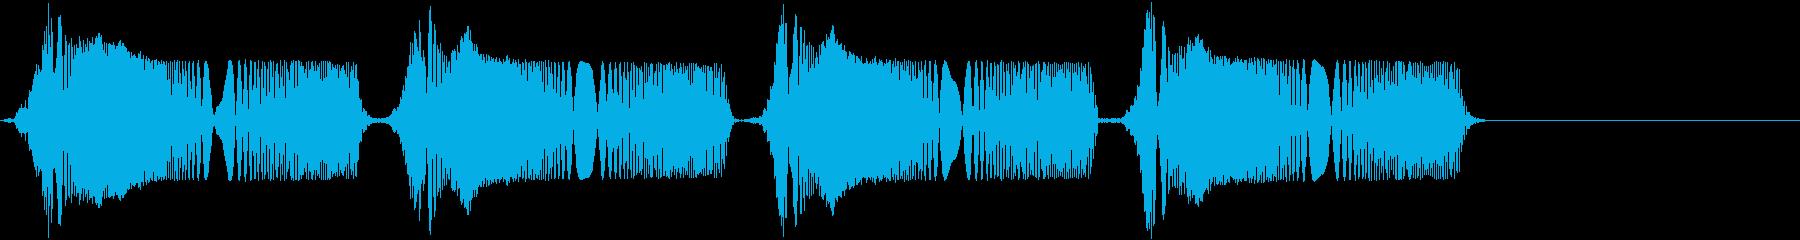 ピュピュ。冷汗・震える音A(短め)の再生済みの波形